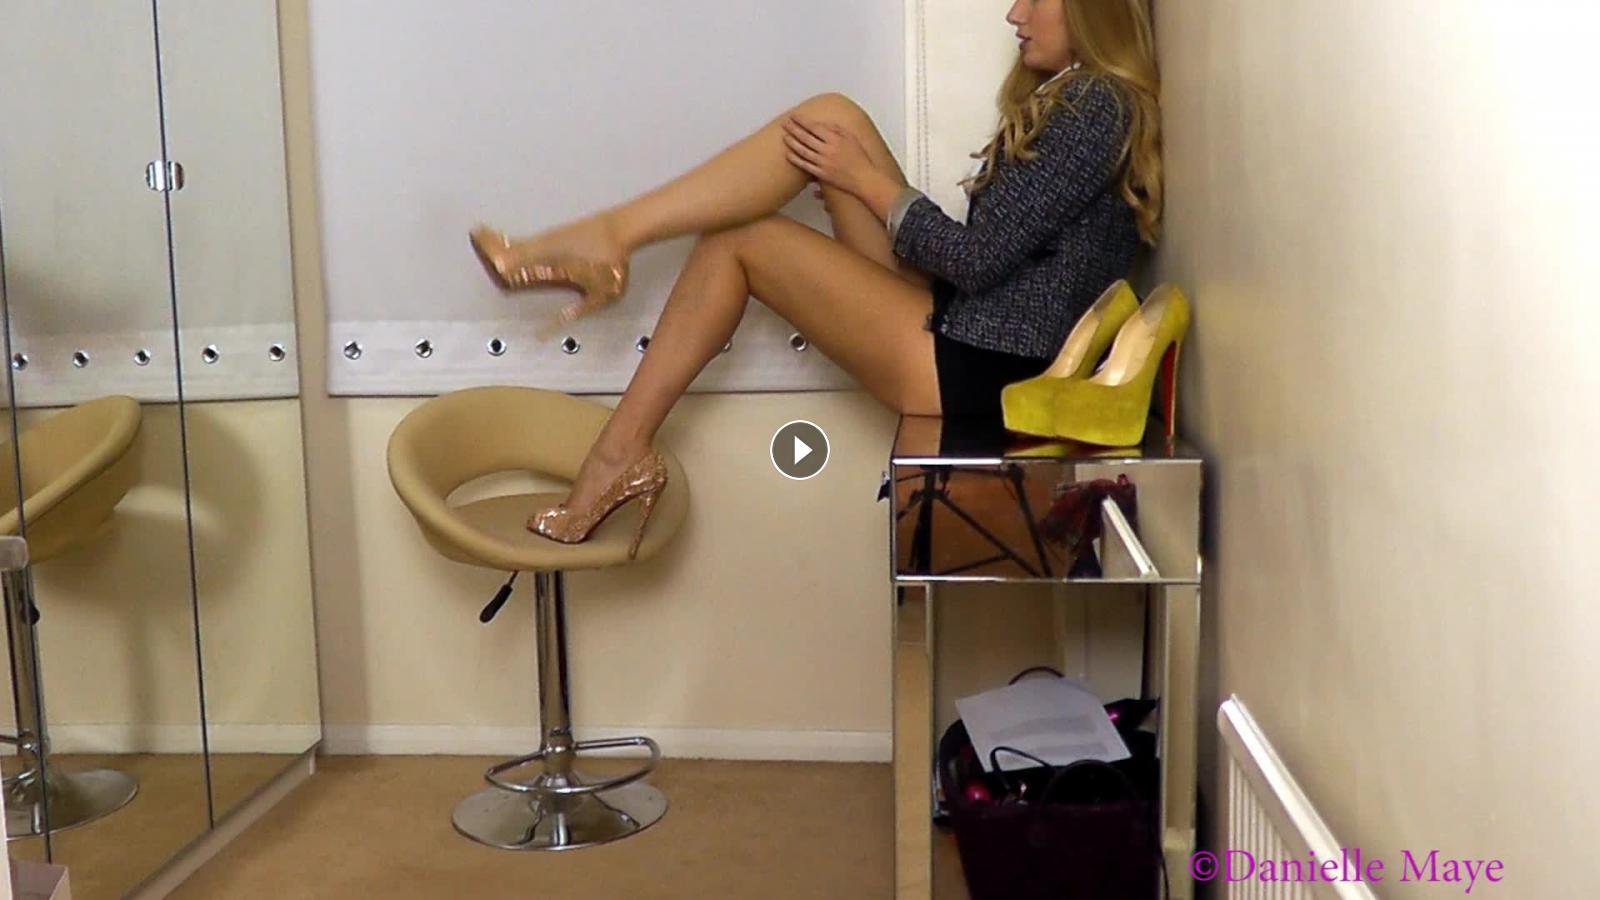 danielle maye xxx heels leg joi